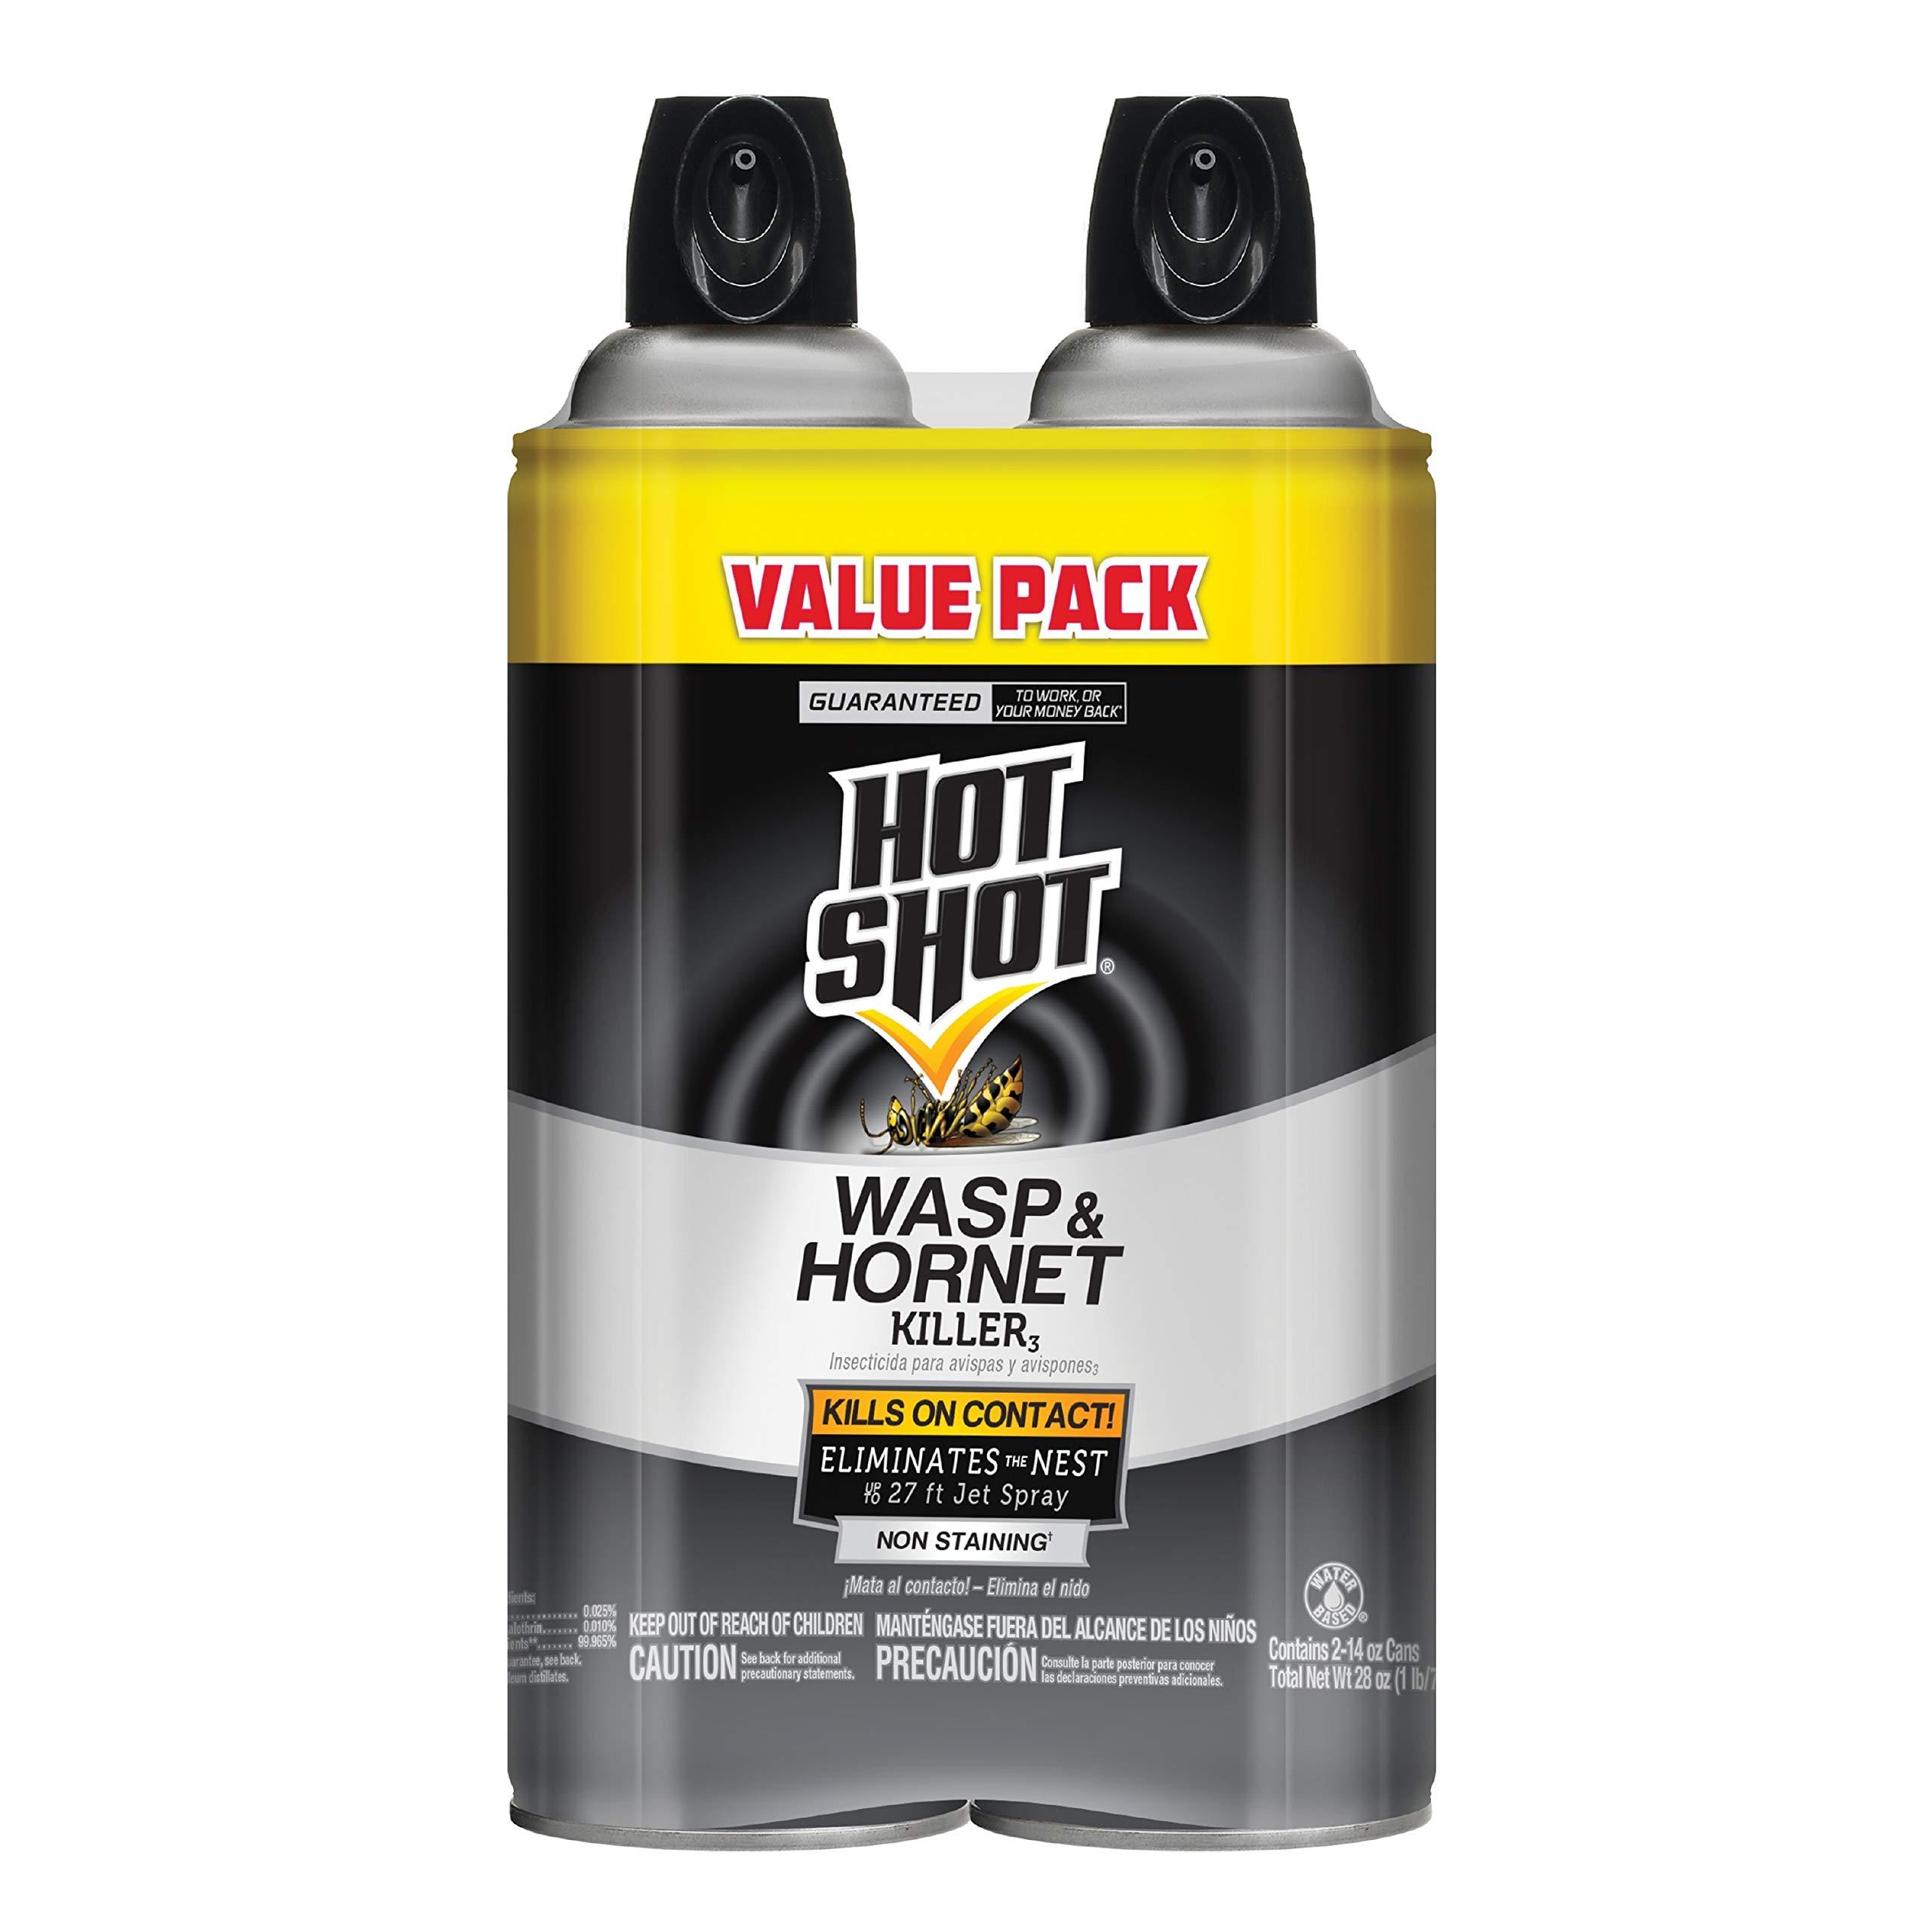 Hot Shot 13412 HG-13412 pest Control, 14 oz, Black (pack of 2) by Hot Shot